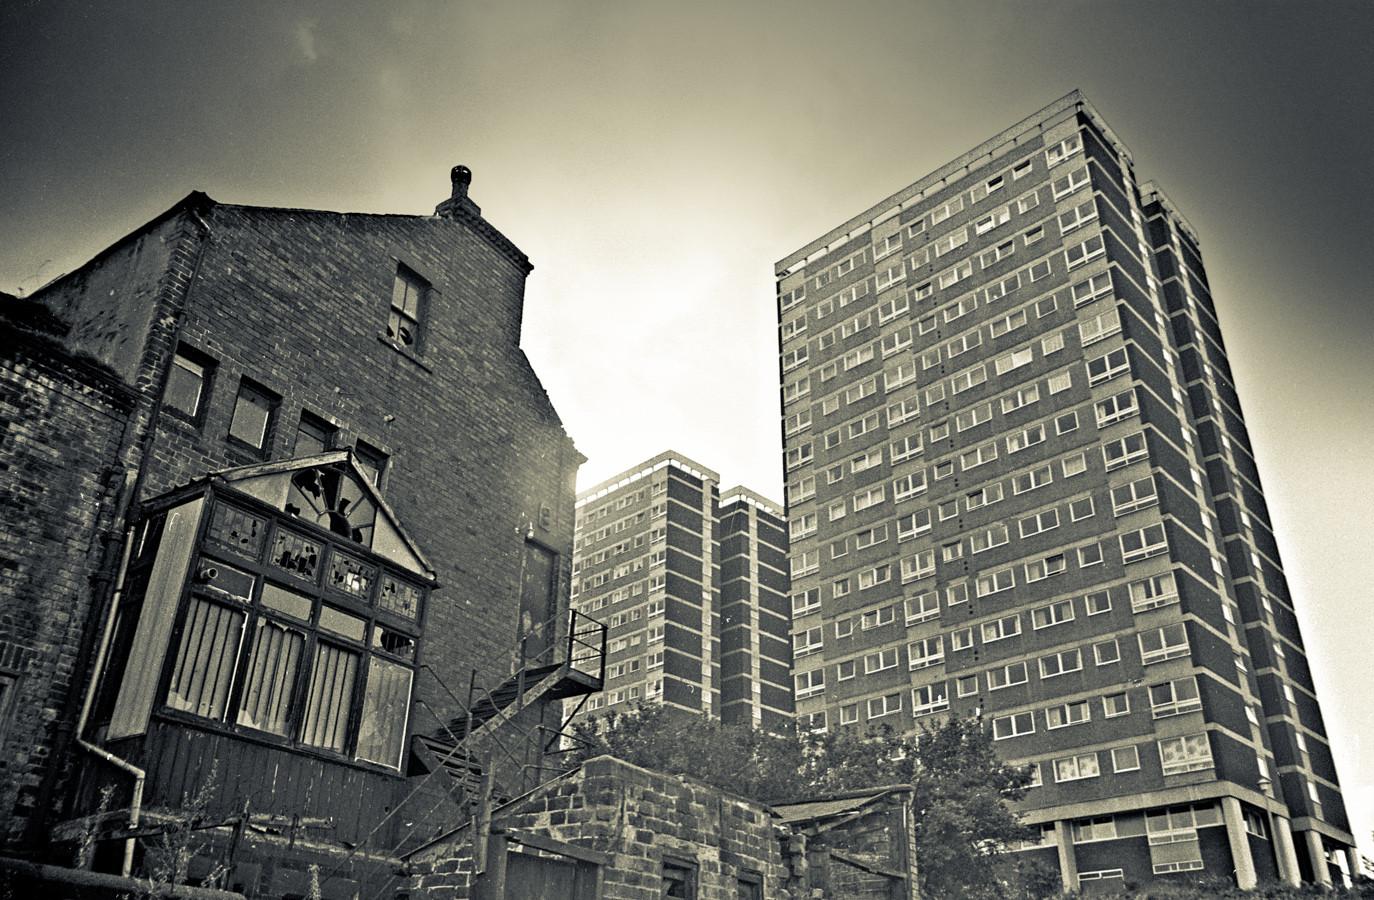 High rise flats loom.